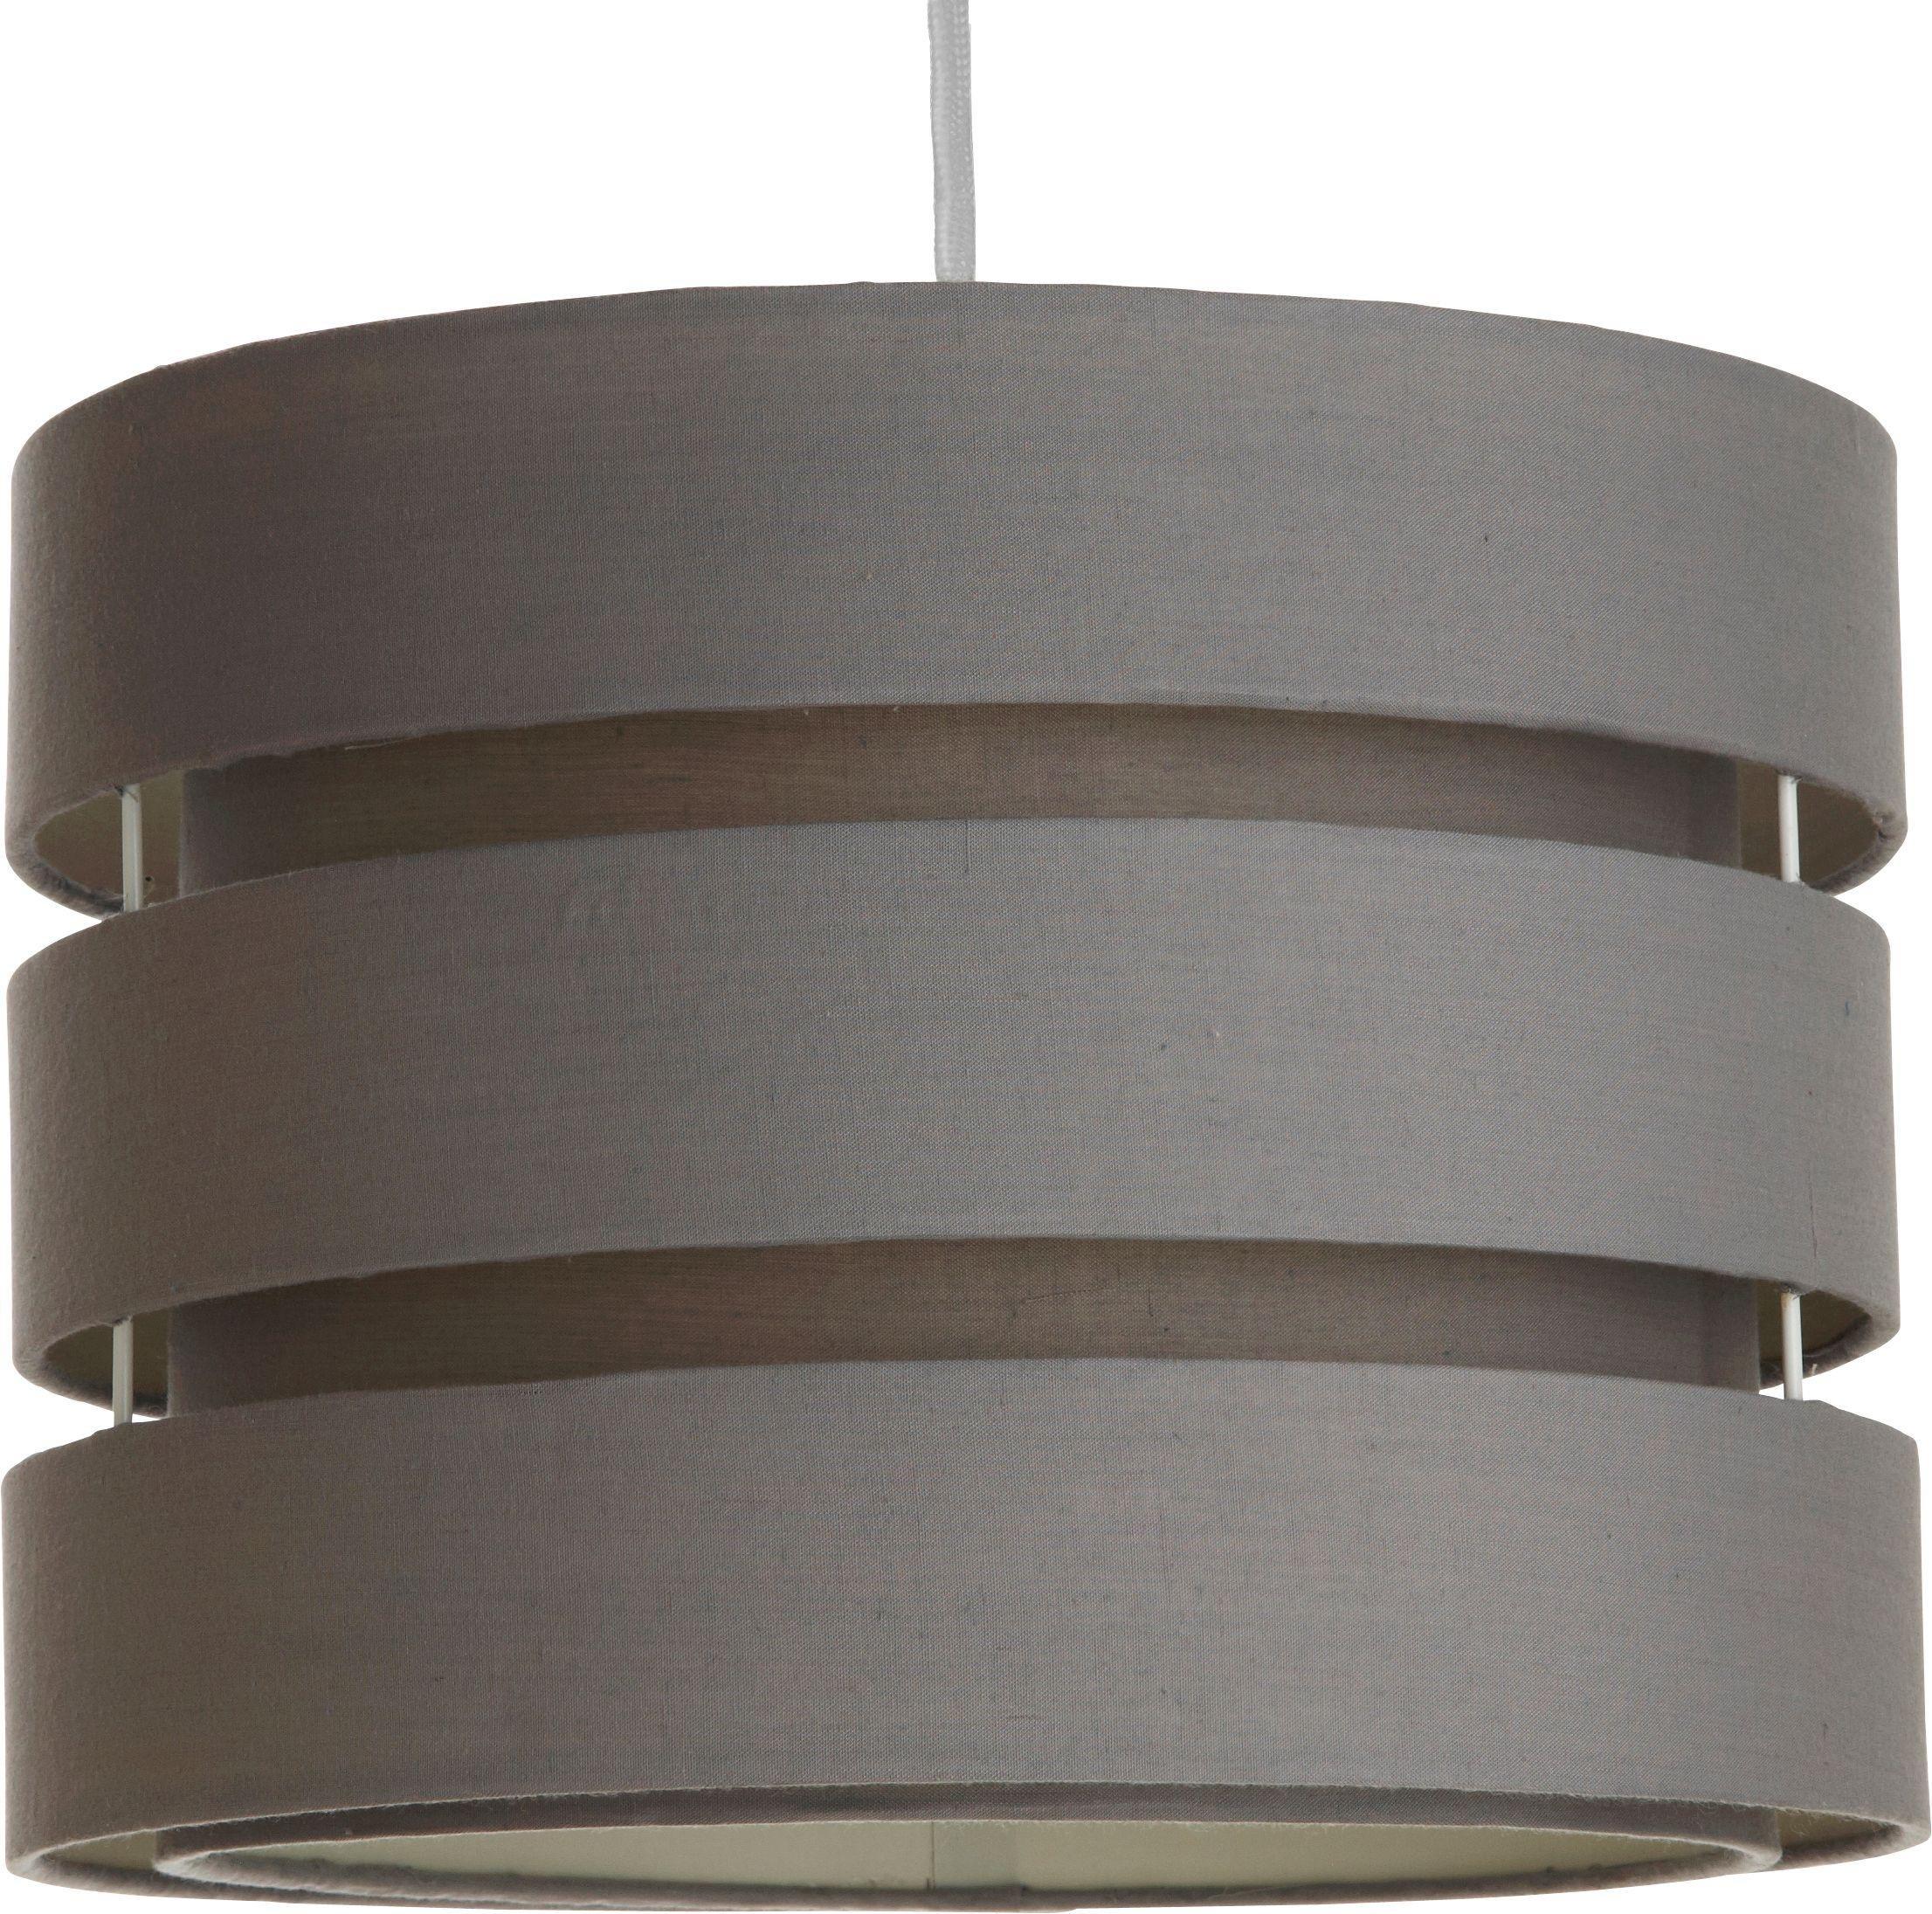 Argos Home 2 Tier Light Shade - Flint Grey